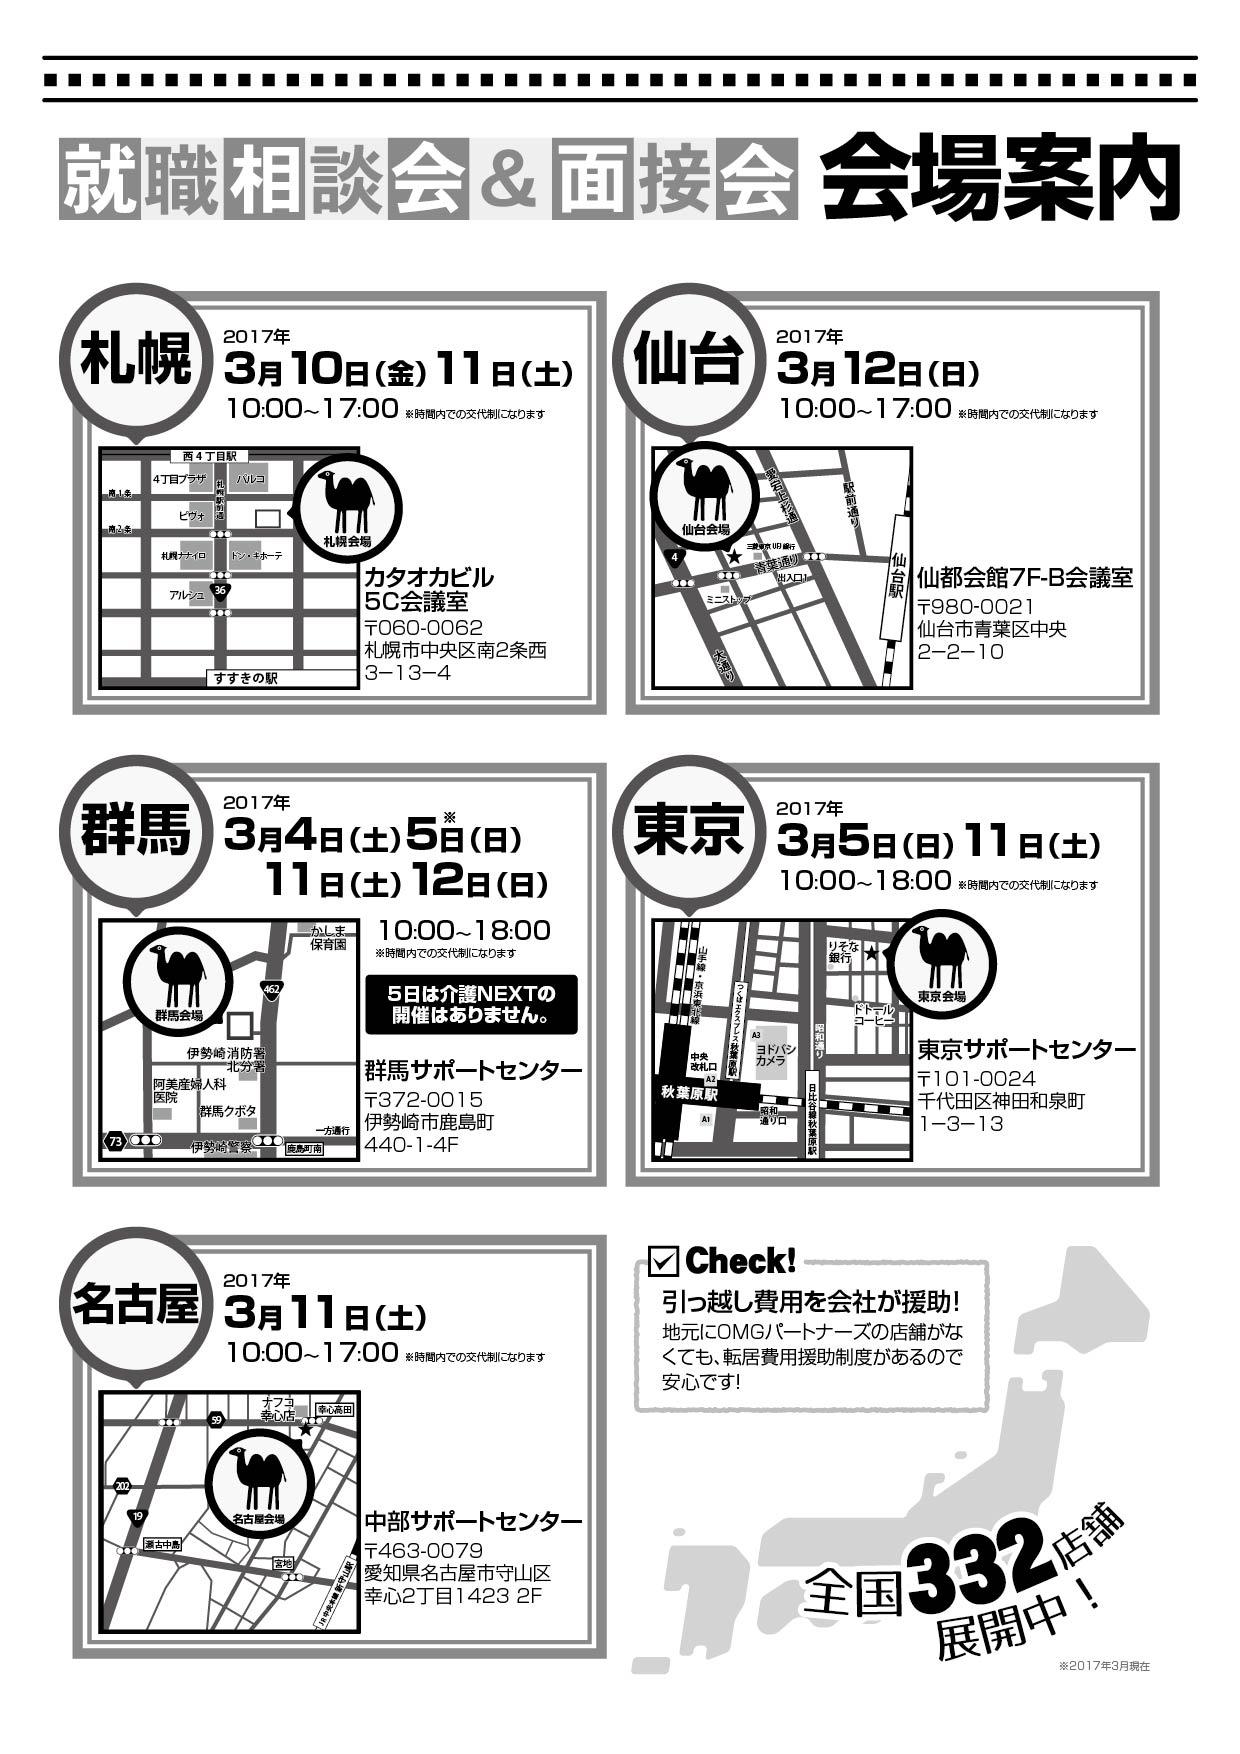 【札幌・仙台・群馬・東京・名古屋】OMG PARTNERS 就職相談会&面接会開催!